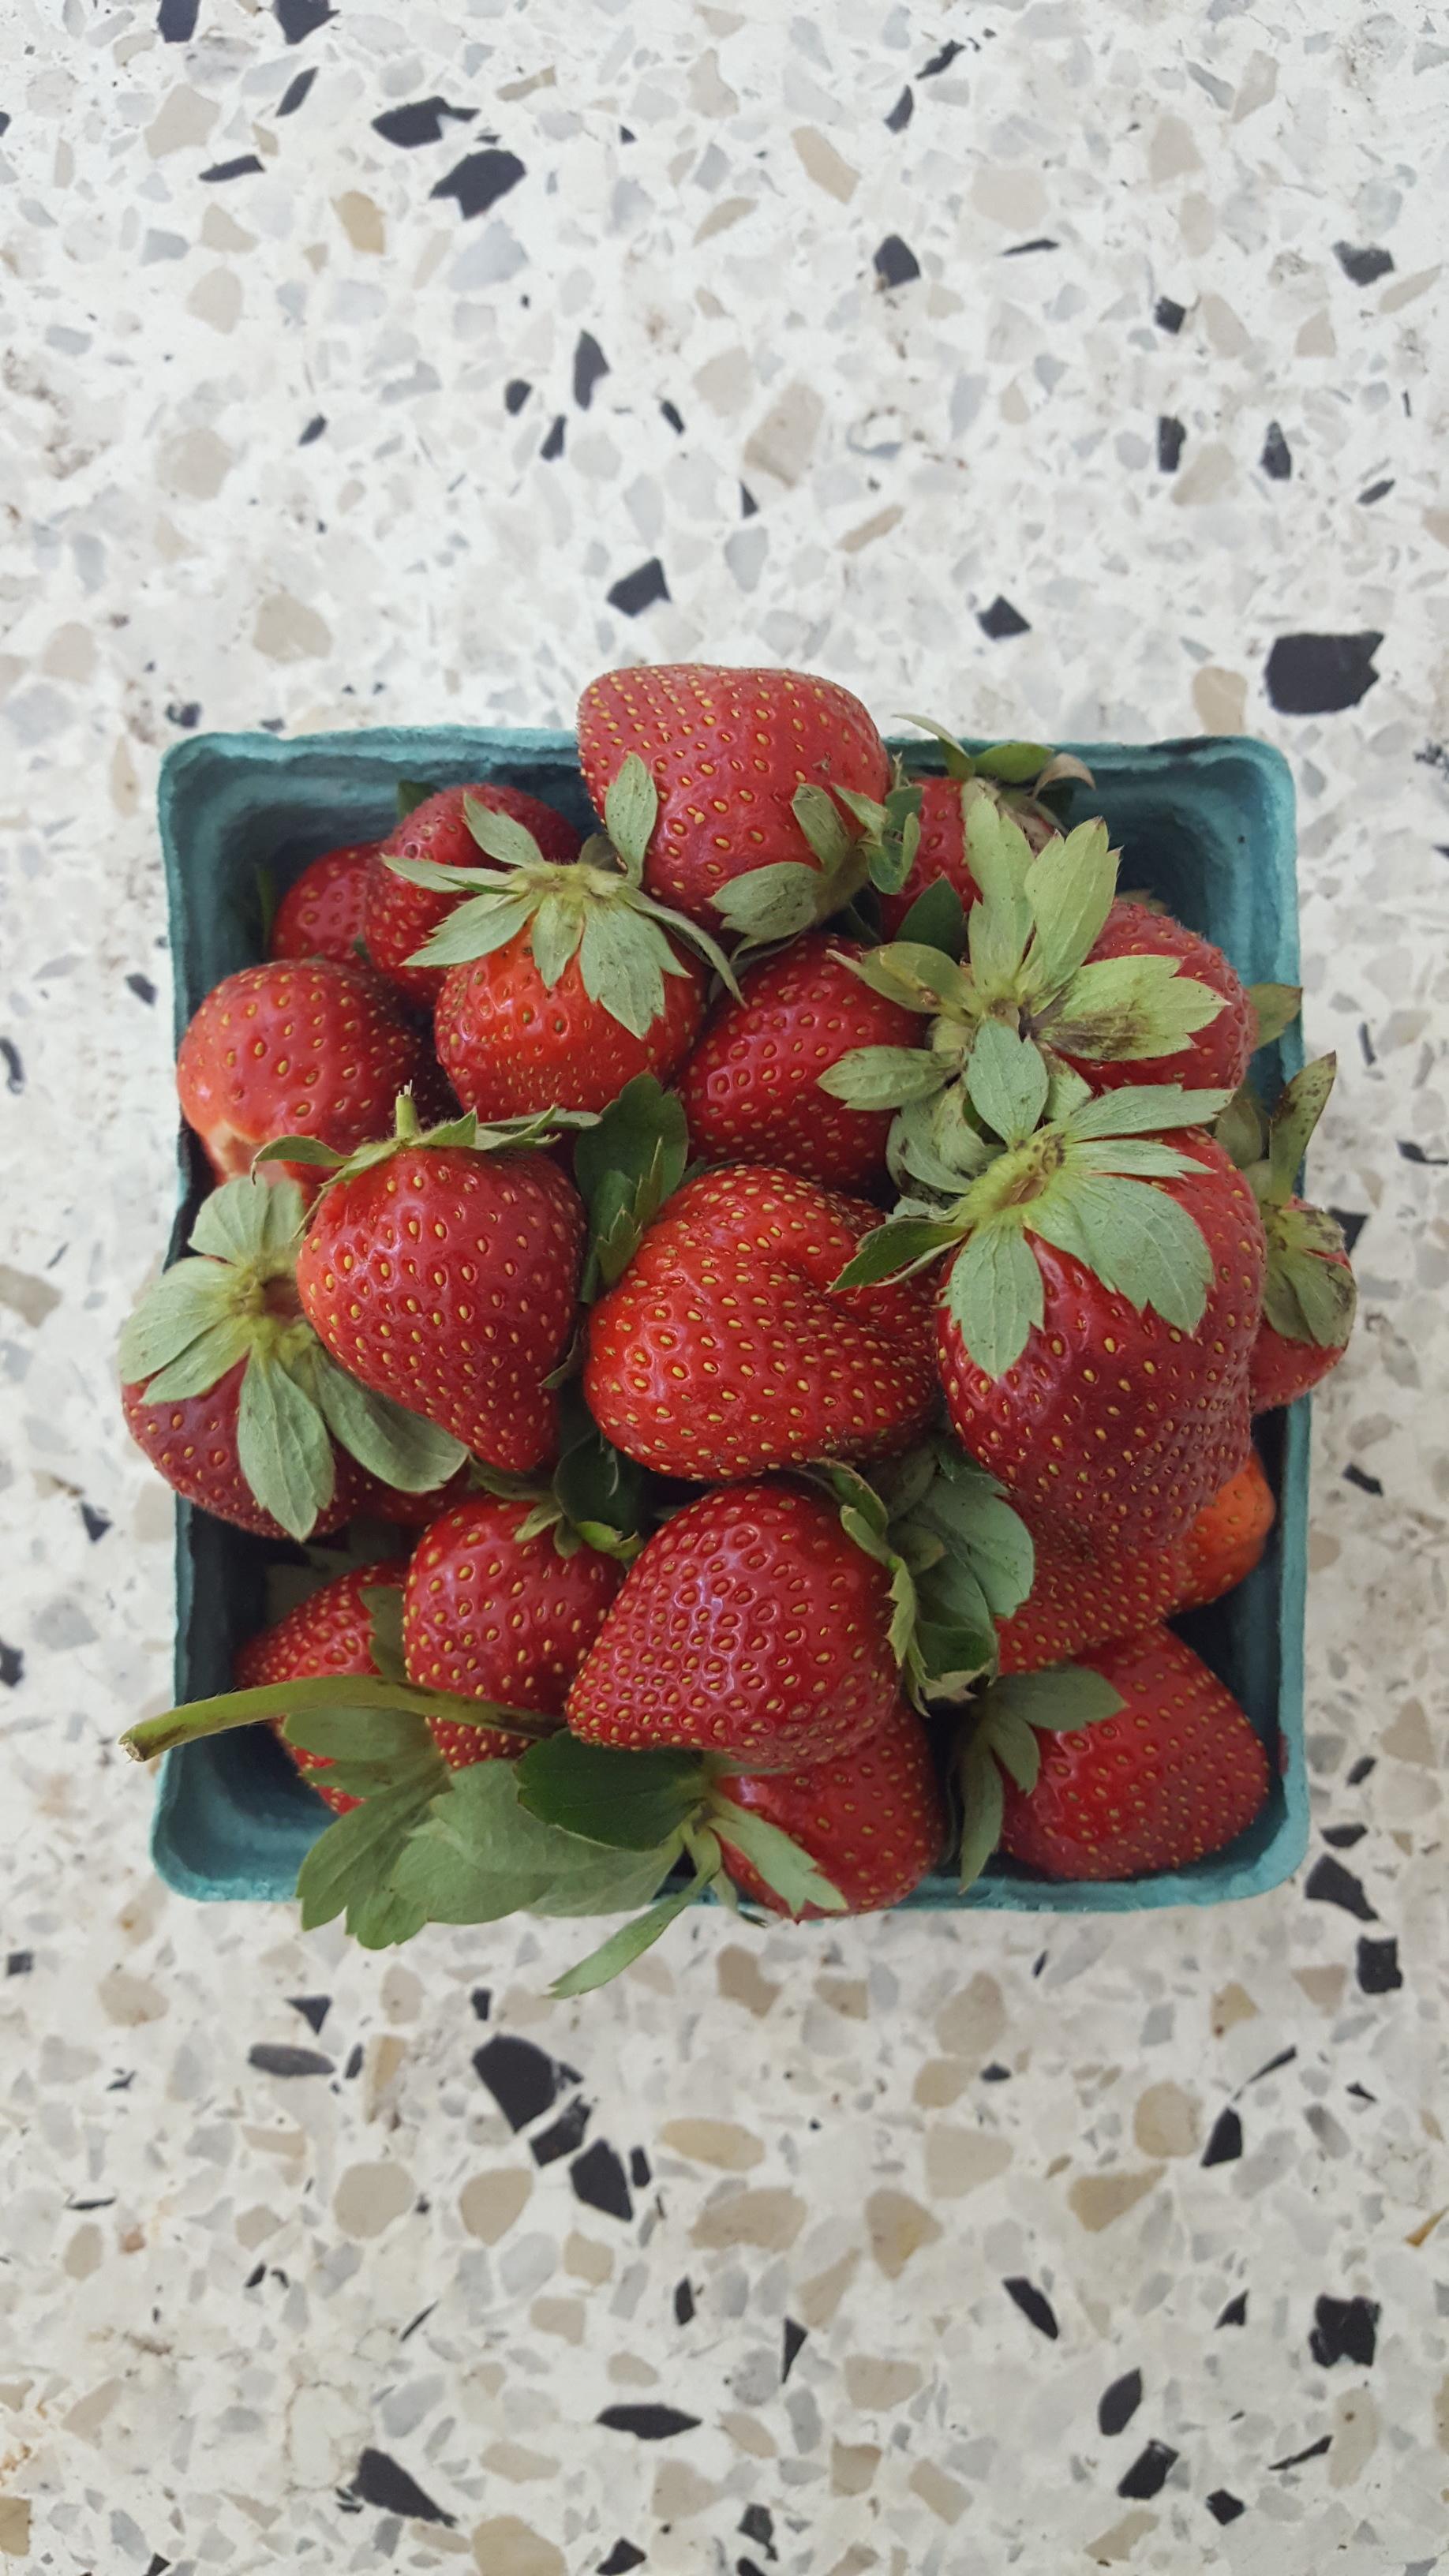 Heart Health Red Foods - Strawberries.jpg